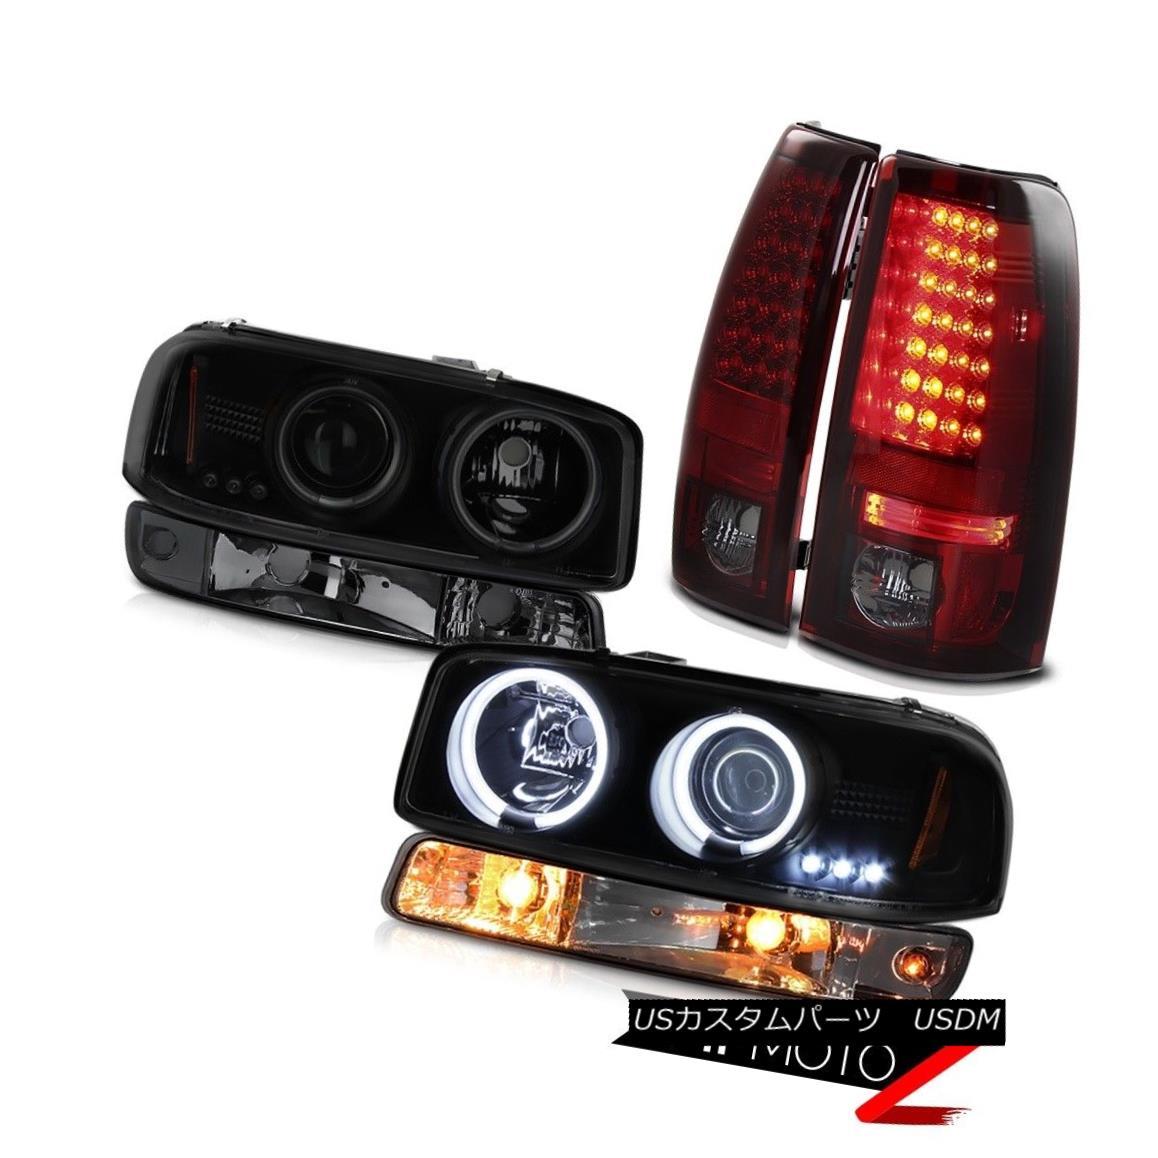 テールライト 99-02 Sierra 1500 Red smoke smd parking brake lights dark lamp CCFL Headlamps 99-02シエラ1500赤煙smdパーキングブレーキライトダークランプCCFLヘッドランプ